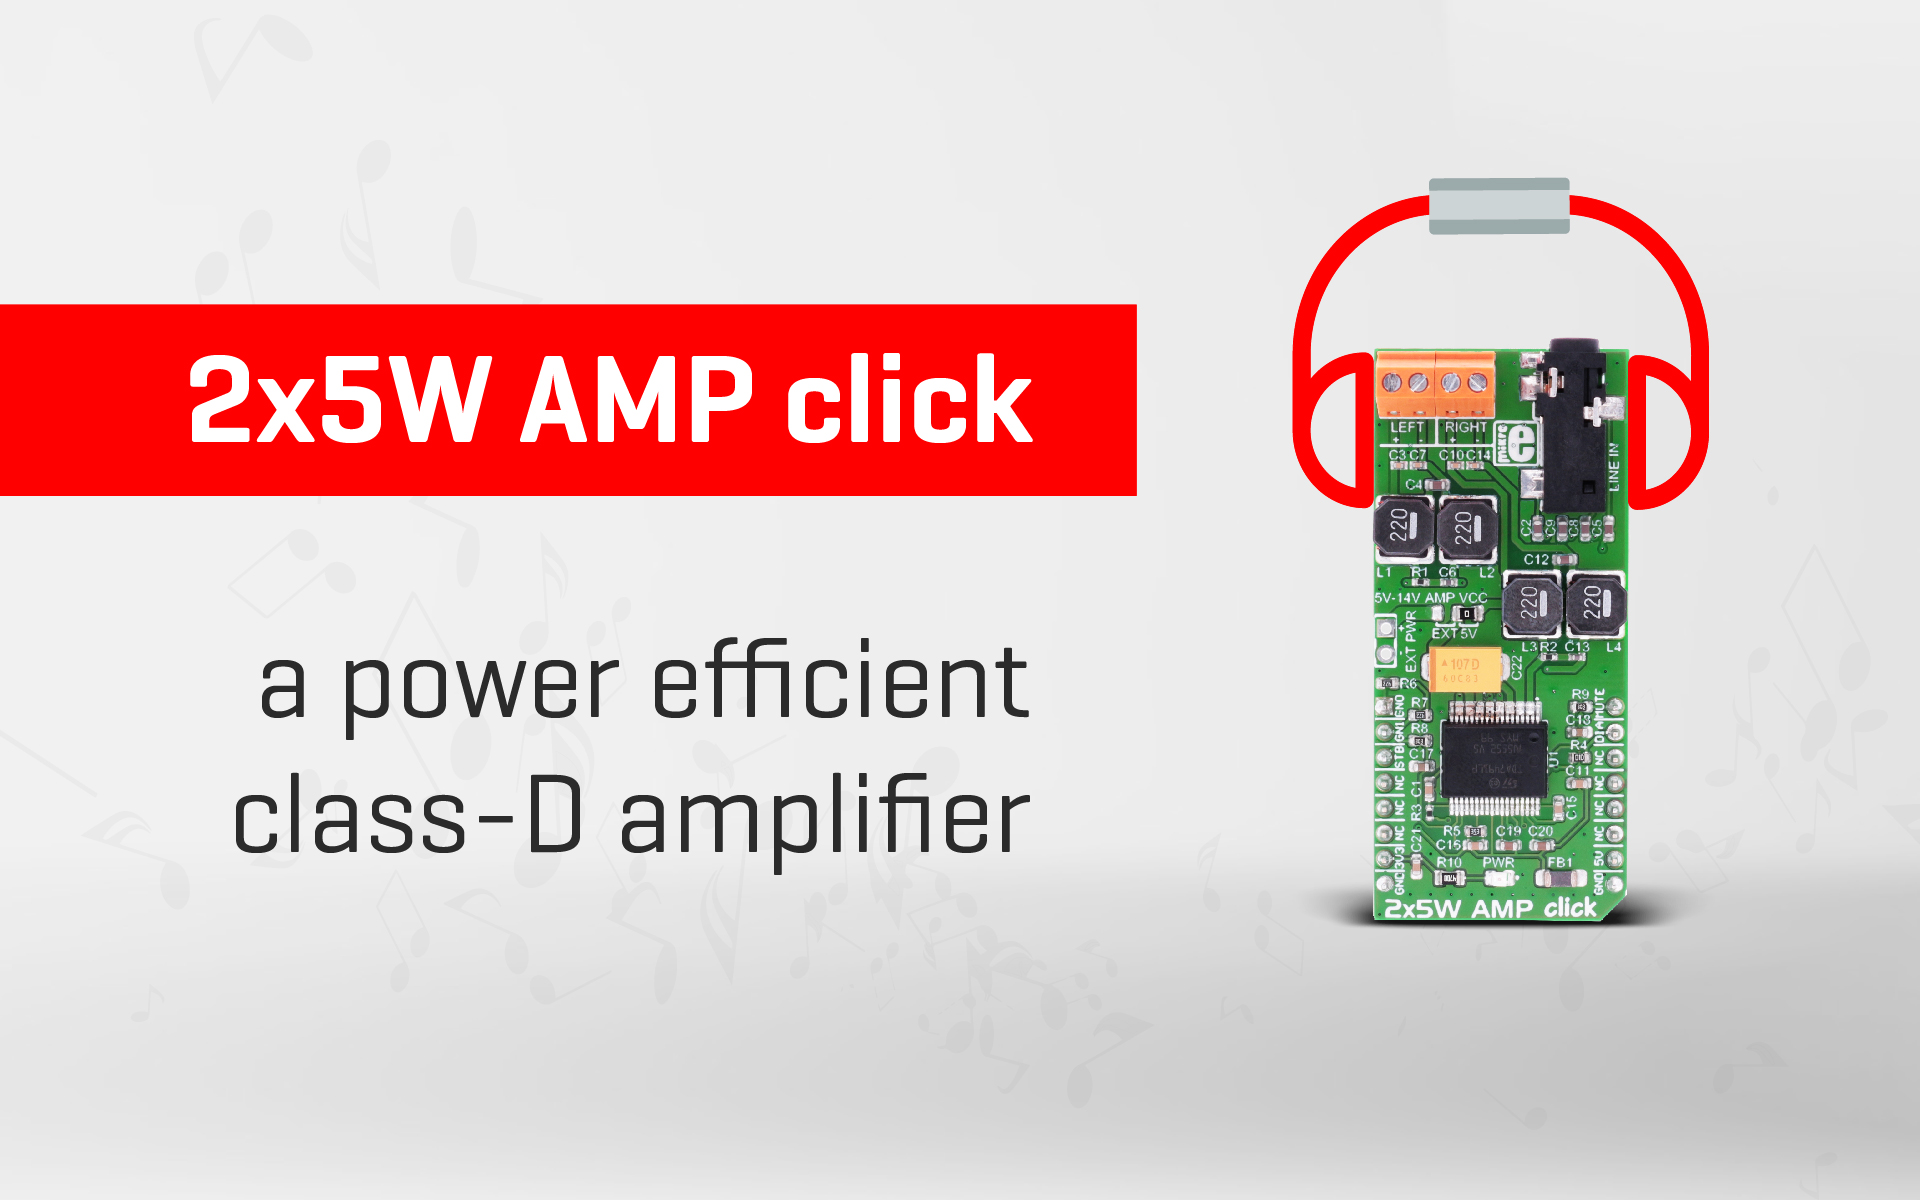 2x5W AMP click – a power efficient class-D amplifier